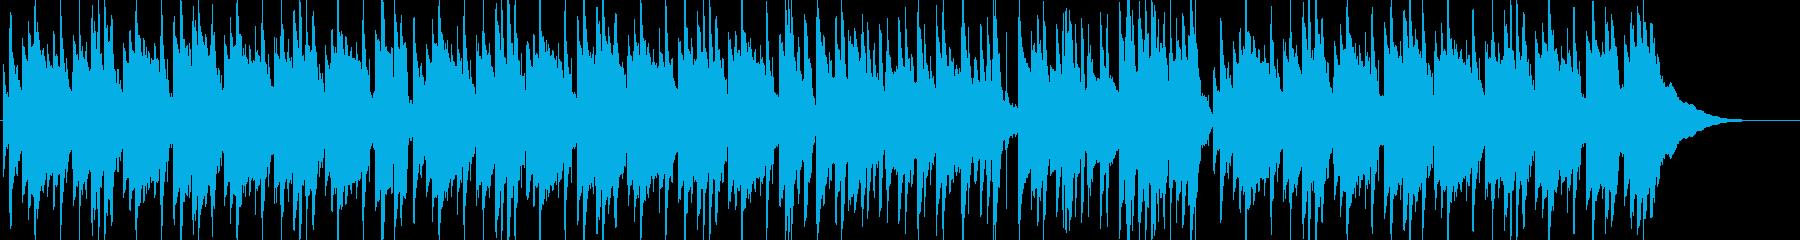 ギターとピアノの優しいアコースティック曲の再生済みの波形